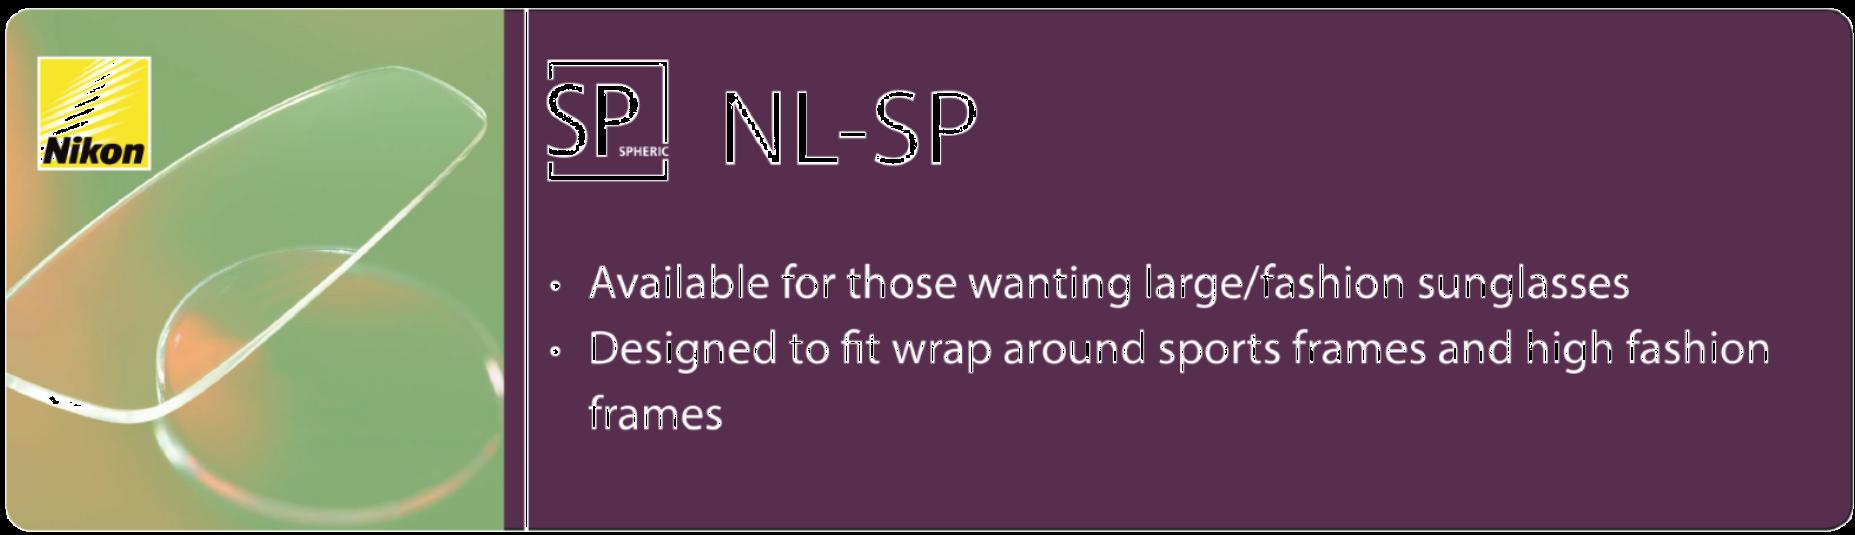 Nikon 3. NL-SP Spheric